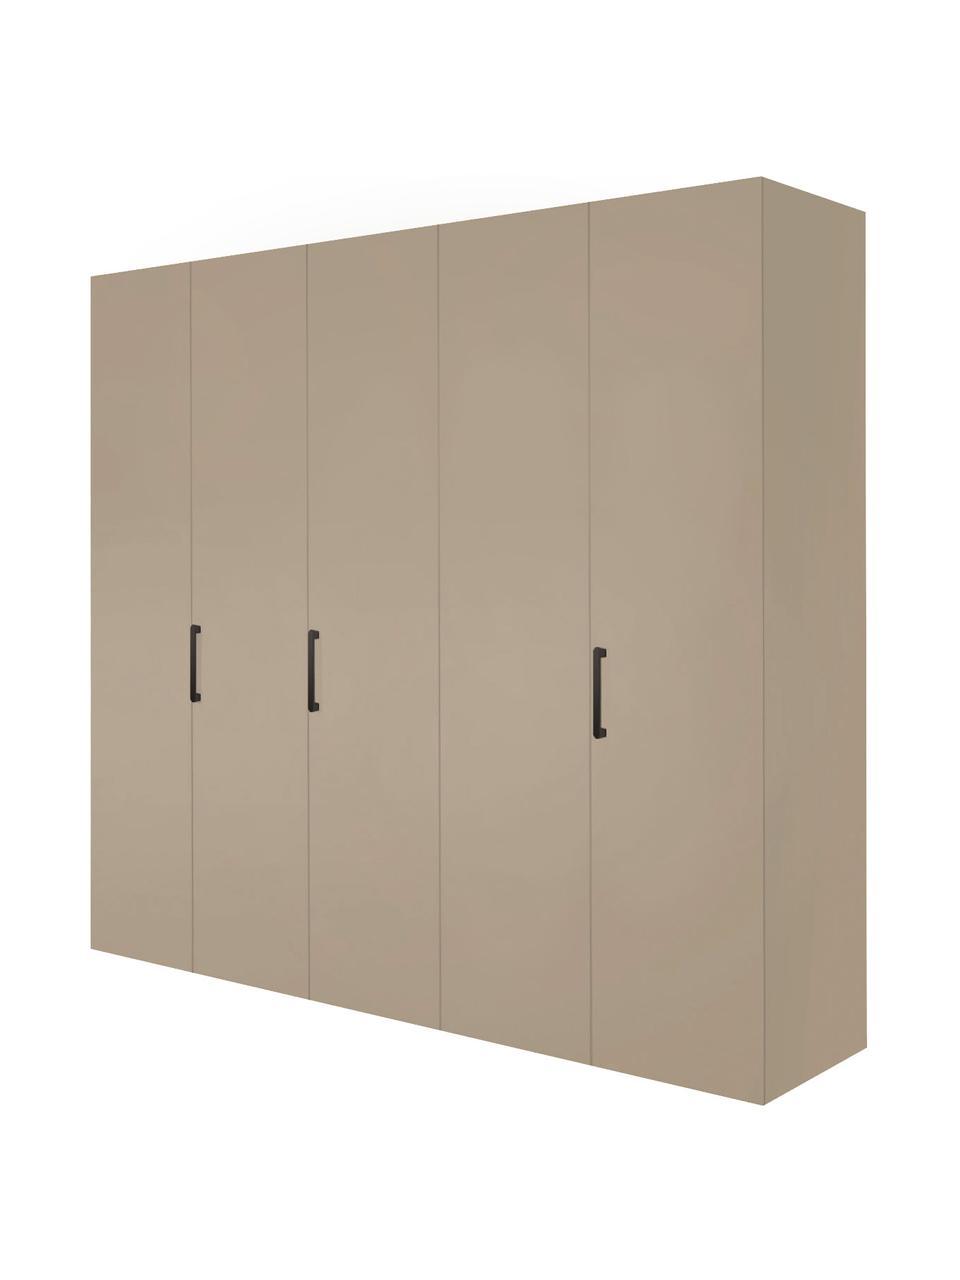 Kleiderschrank Madison 5-türig, inkl. Montageservice, Korpus: Holzwerkstoffplatten, lac, Sandfarben, Ohne Spiegeltür, 252 x 230 cm